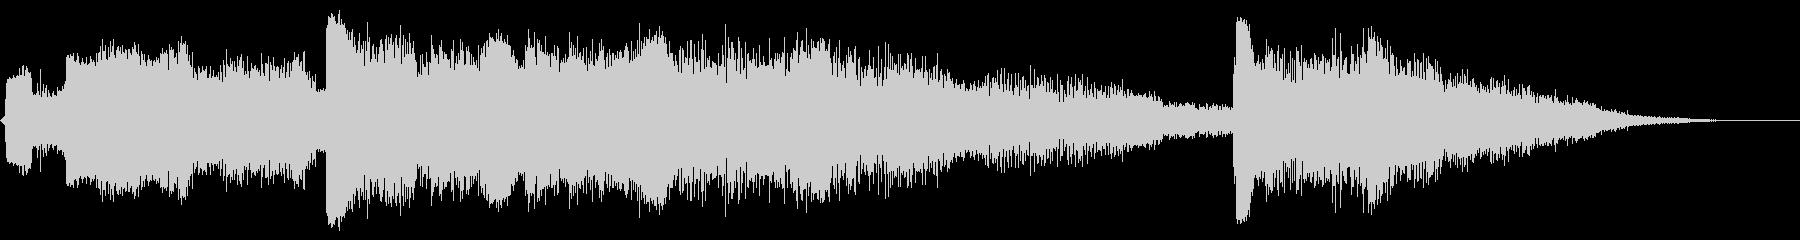 ビッグシンセグライドアクセント13の未再生の波形